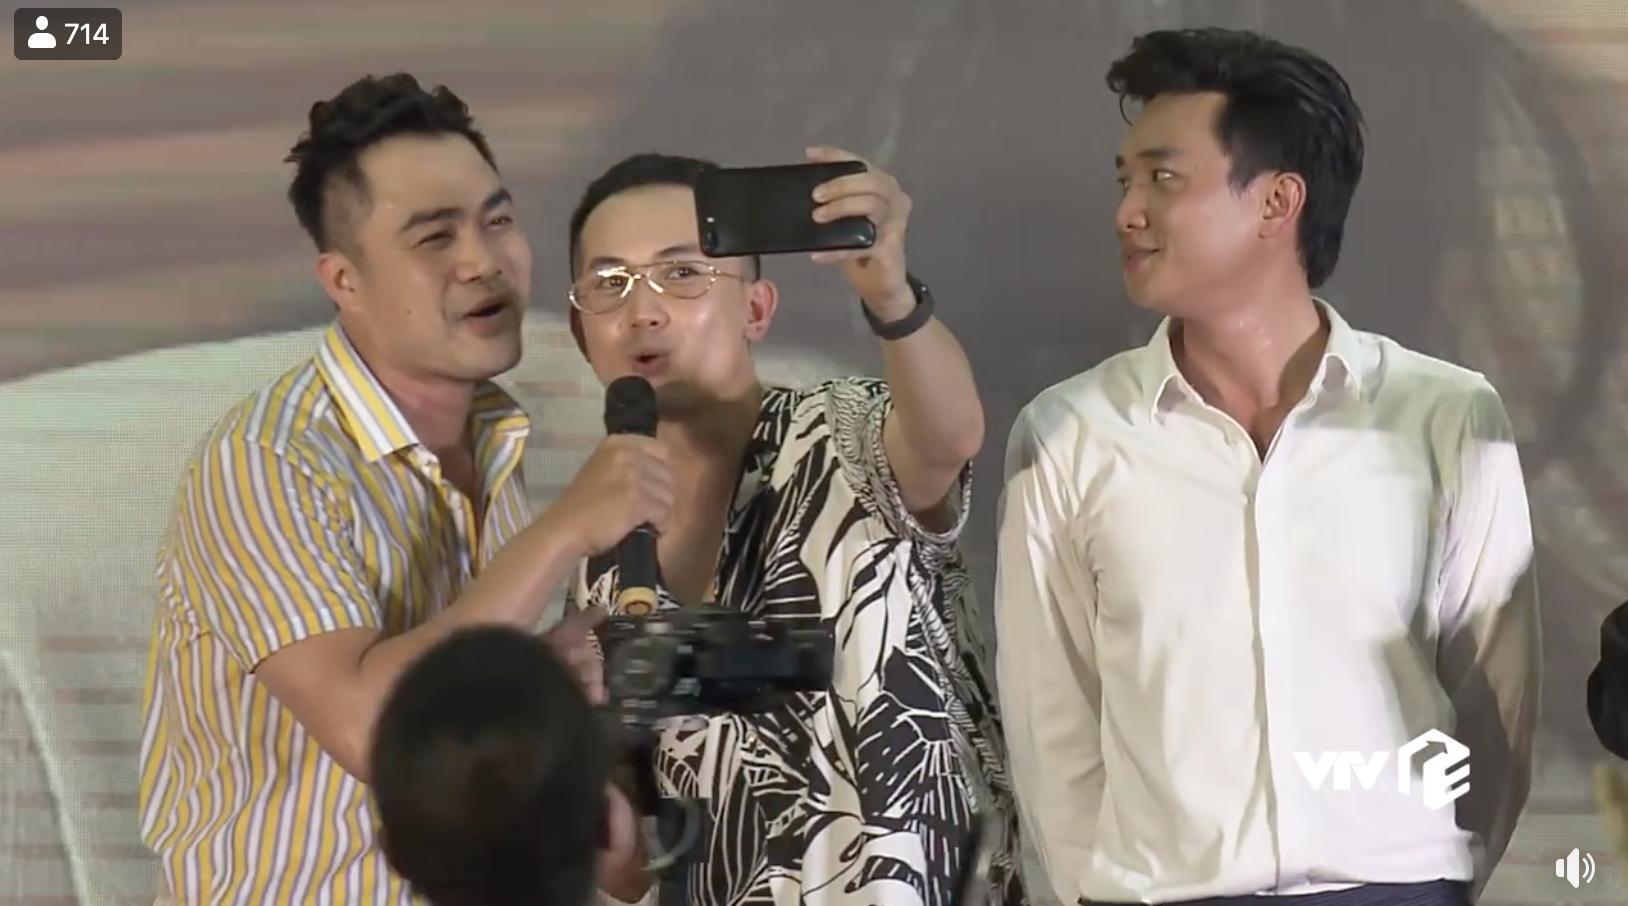 Dàn diễn viên Về nhà đi con cùng hát nhạc phim, khán giả khen lấy khen để Bảo vì hát quá hay-5